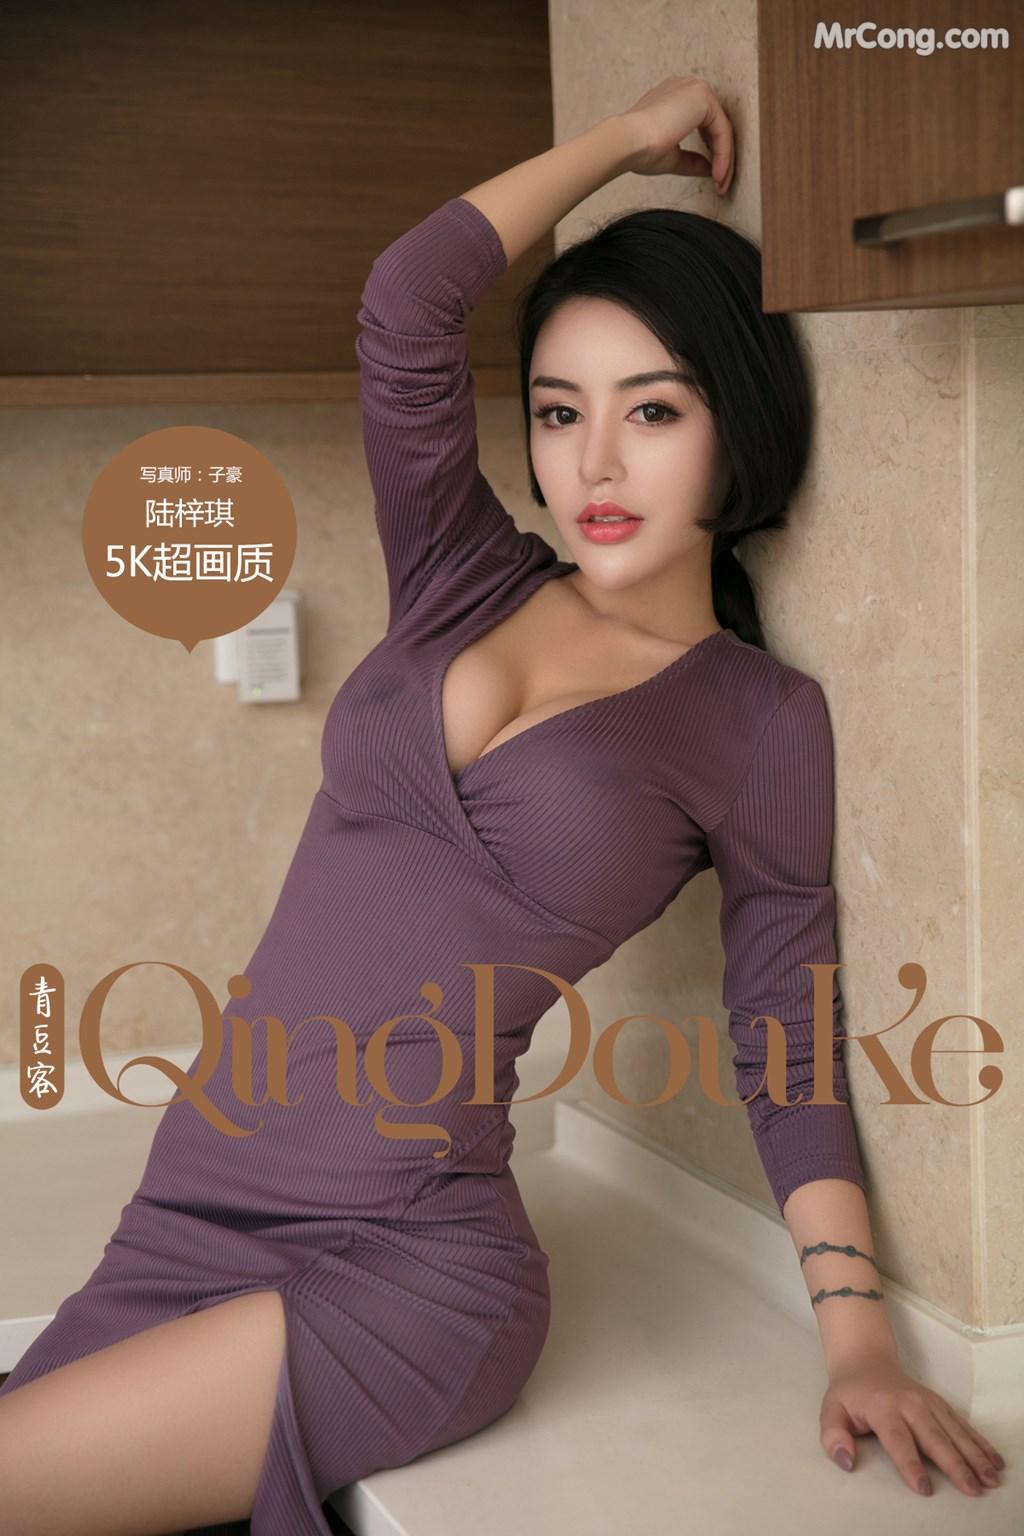 QingDouKe 2017-11-22: Người mẫu Lu Zi Qi (陆梓琪) (51 ảnh)